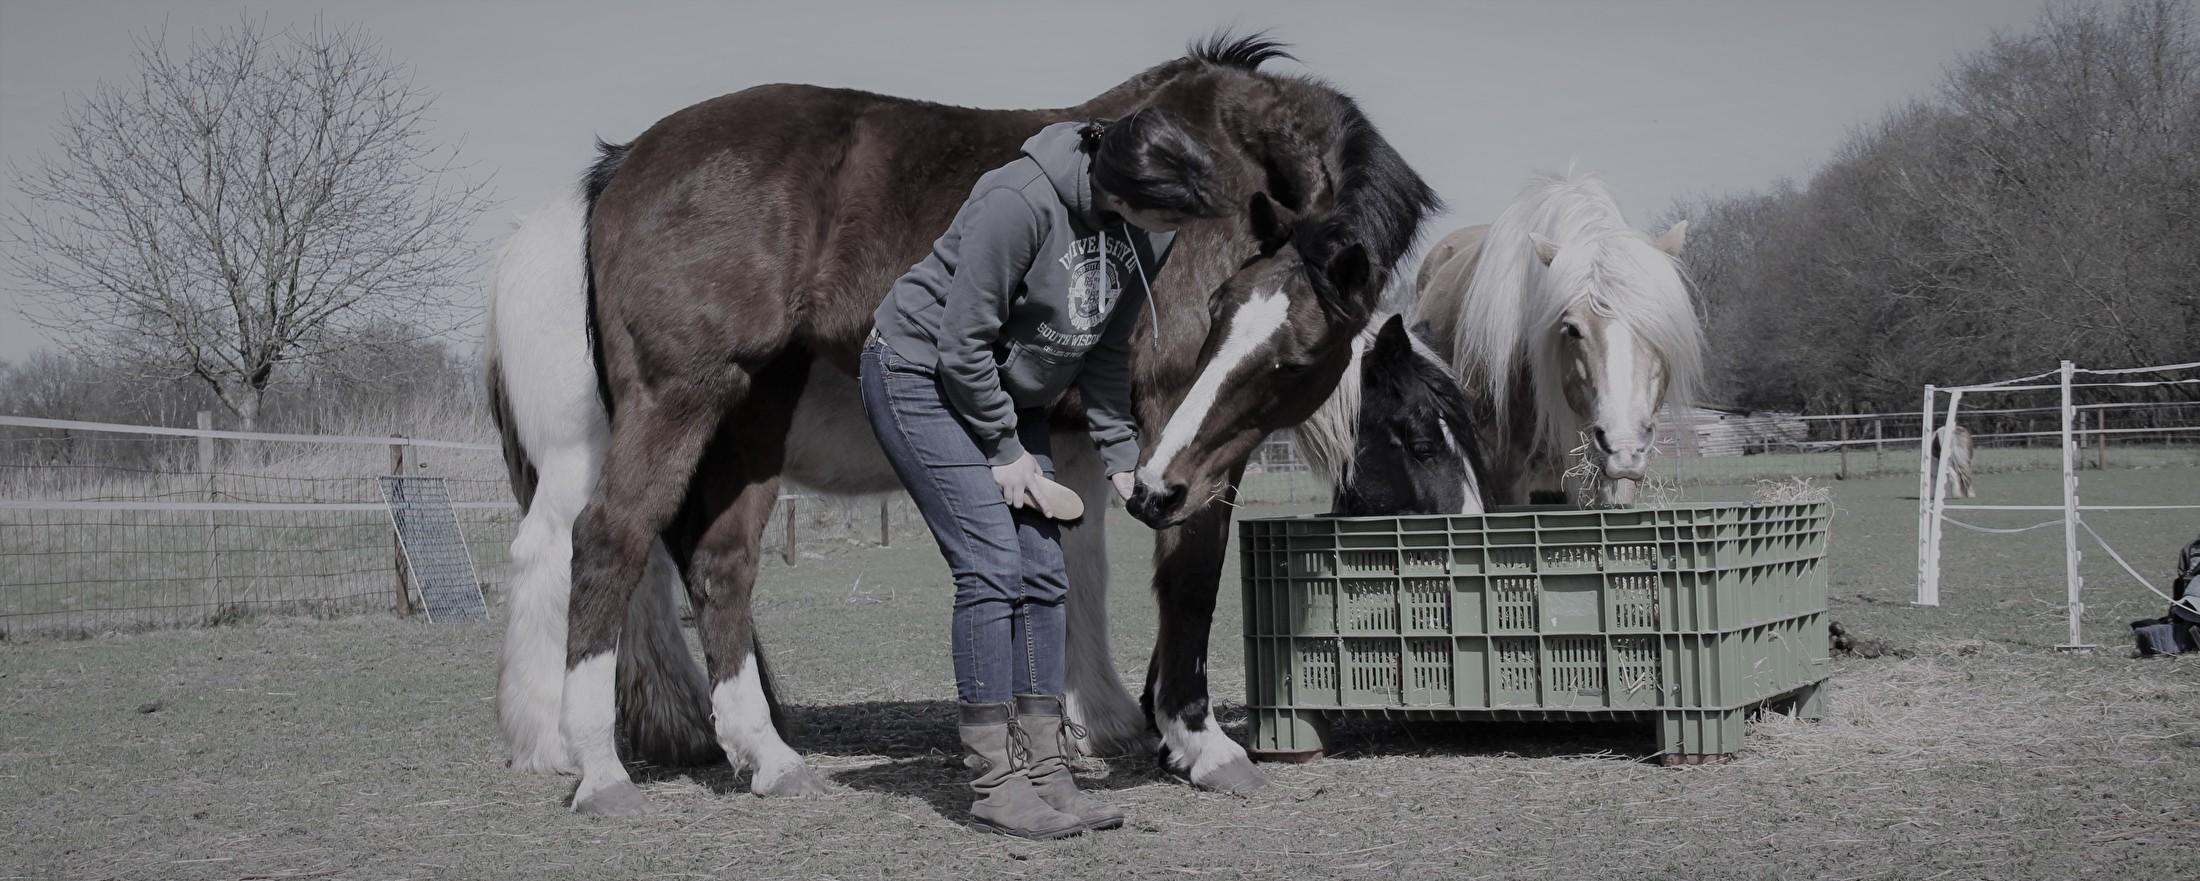 over paardeerlijk